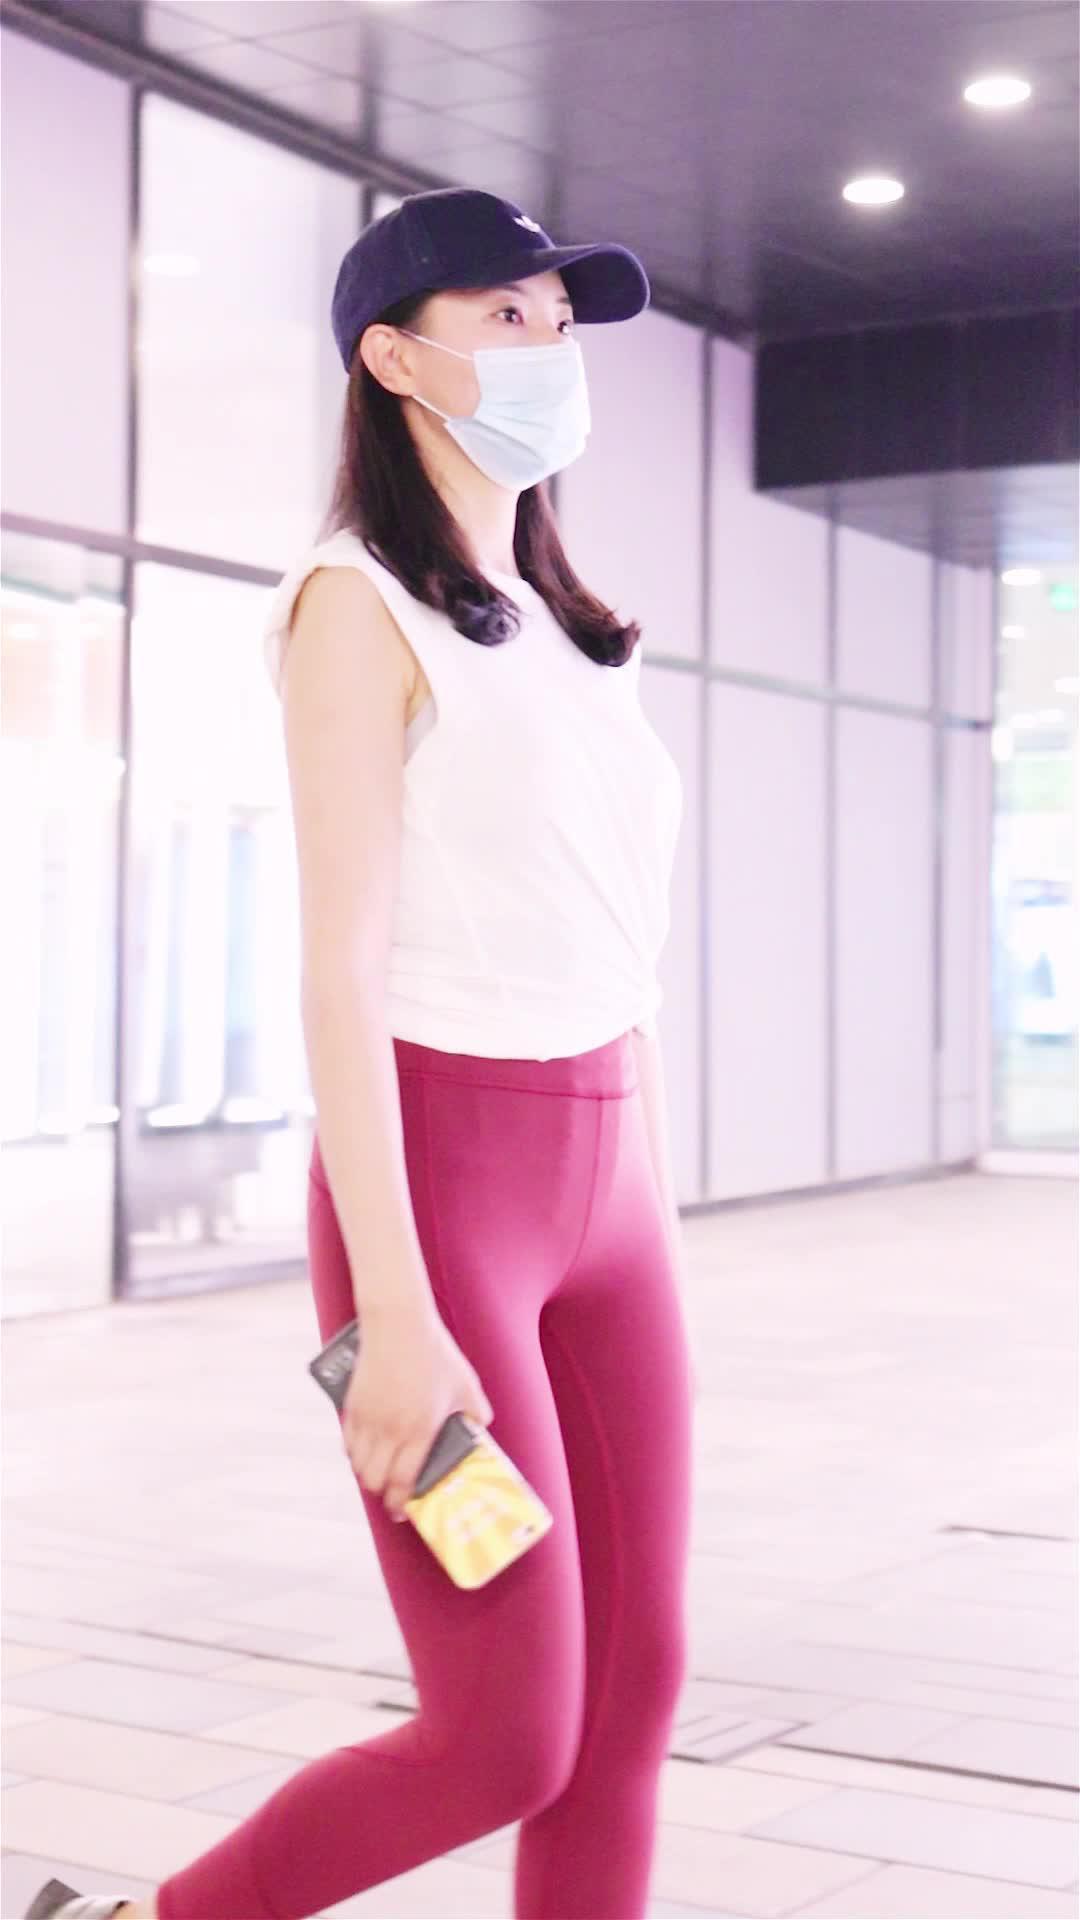 舞蹈系小姐姐换上新入的瑜伽裤,修身提臀显身材,真棒!